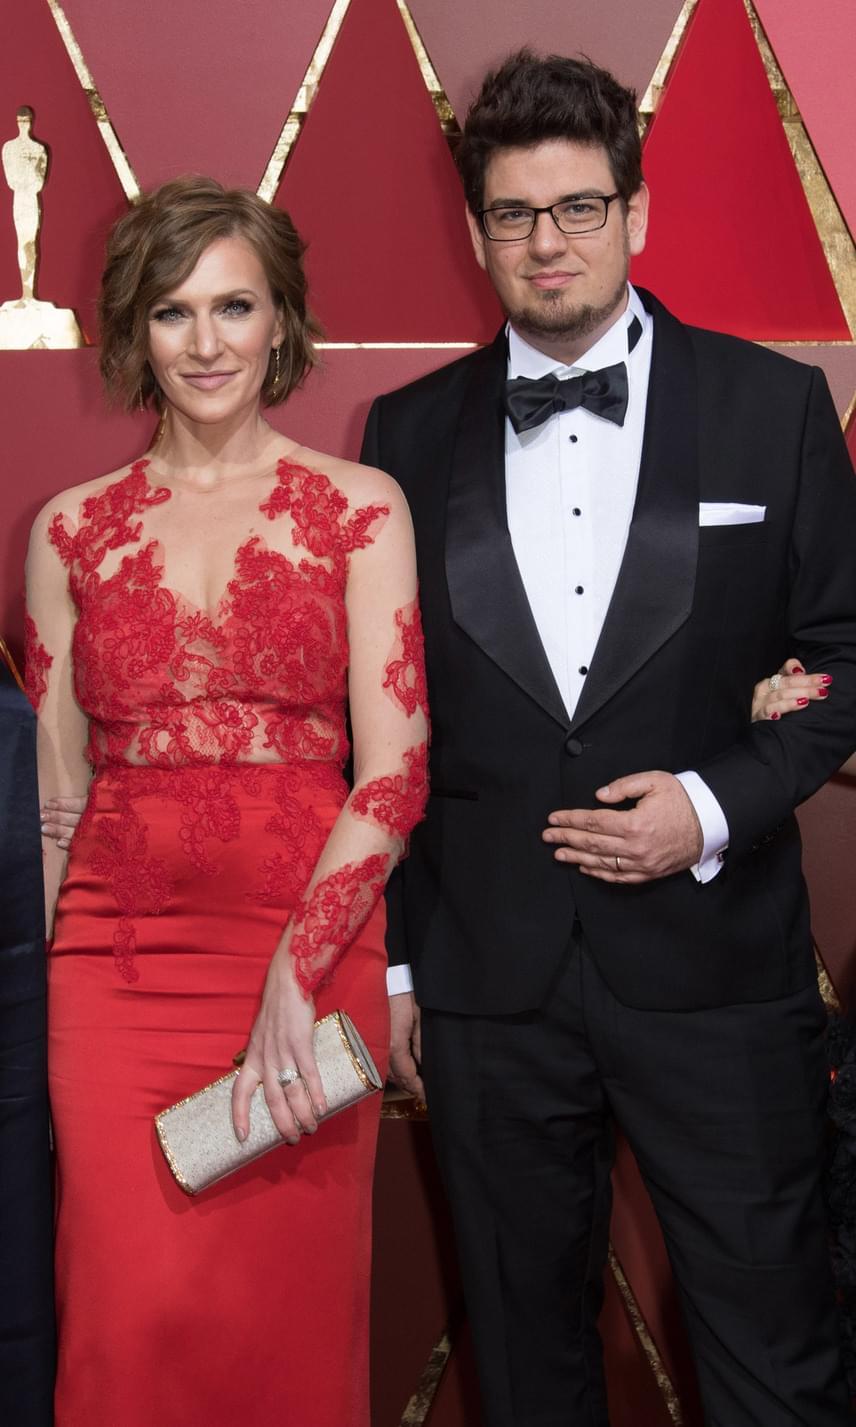 A Mindenki az első magyar kisfilm, amely elnyerte az Oscar-díjat - a rendező, Deák Kristóf és a felnőtt főszereplő, Szamosi Zsófia.